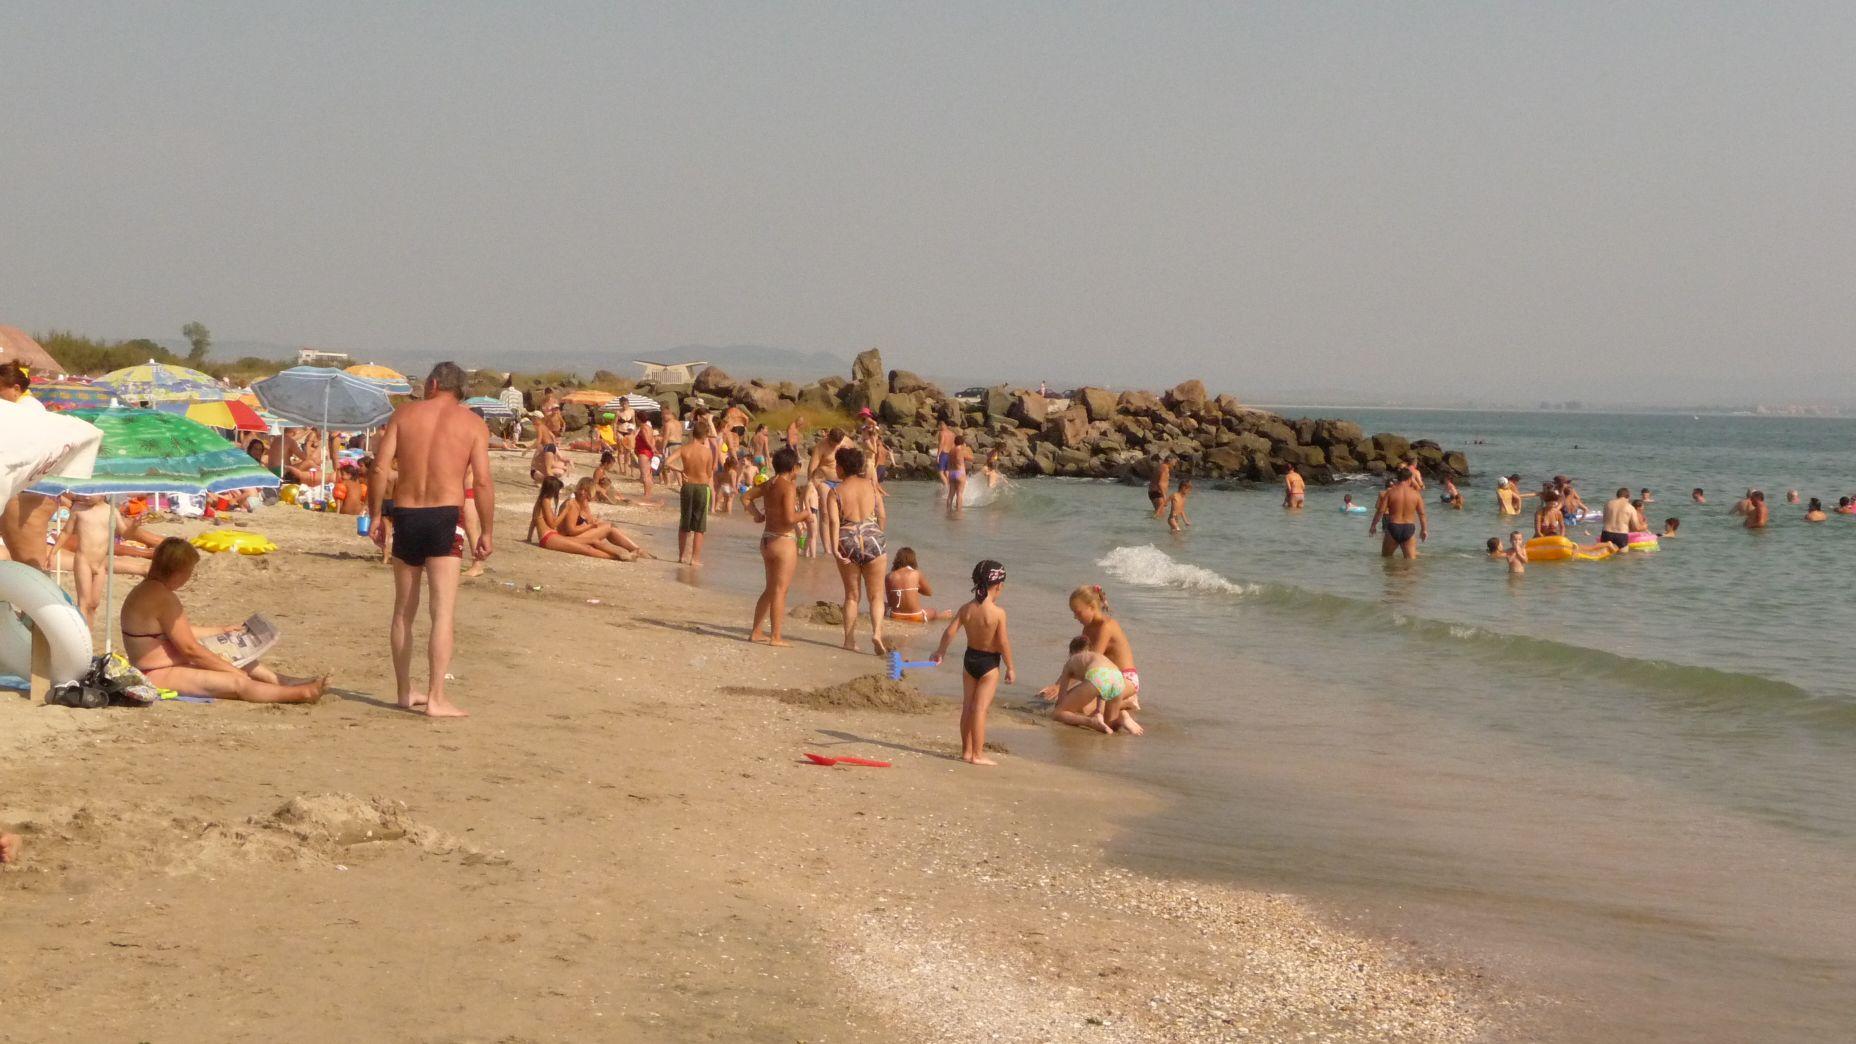 Bałkany - Bułgaria - przewodnik-zdjęcia-atrakcje turystyczne